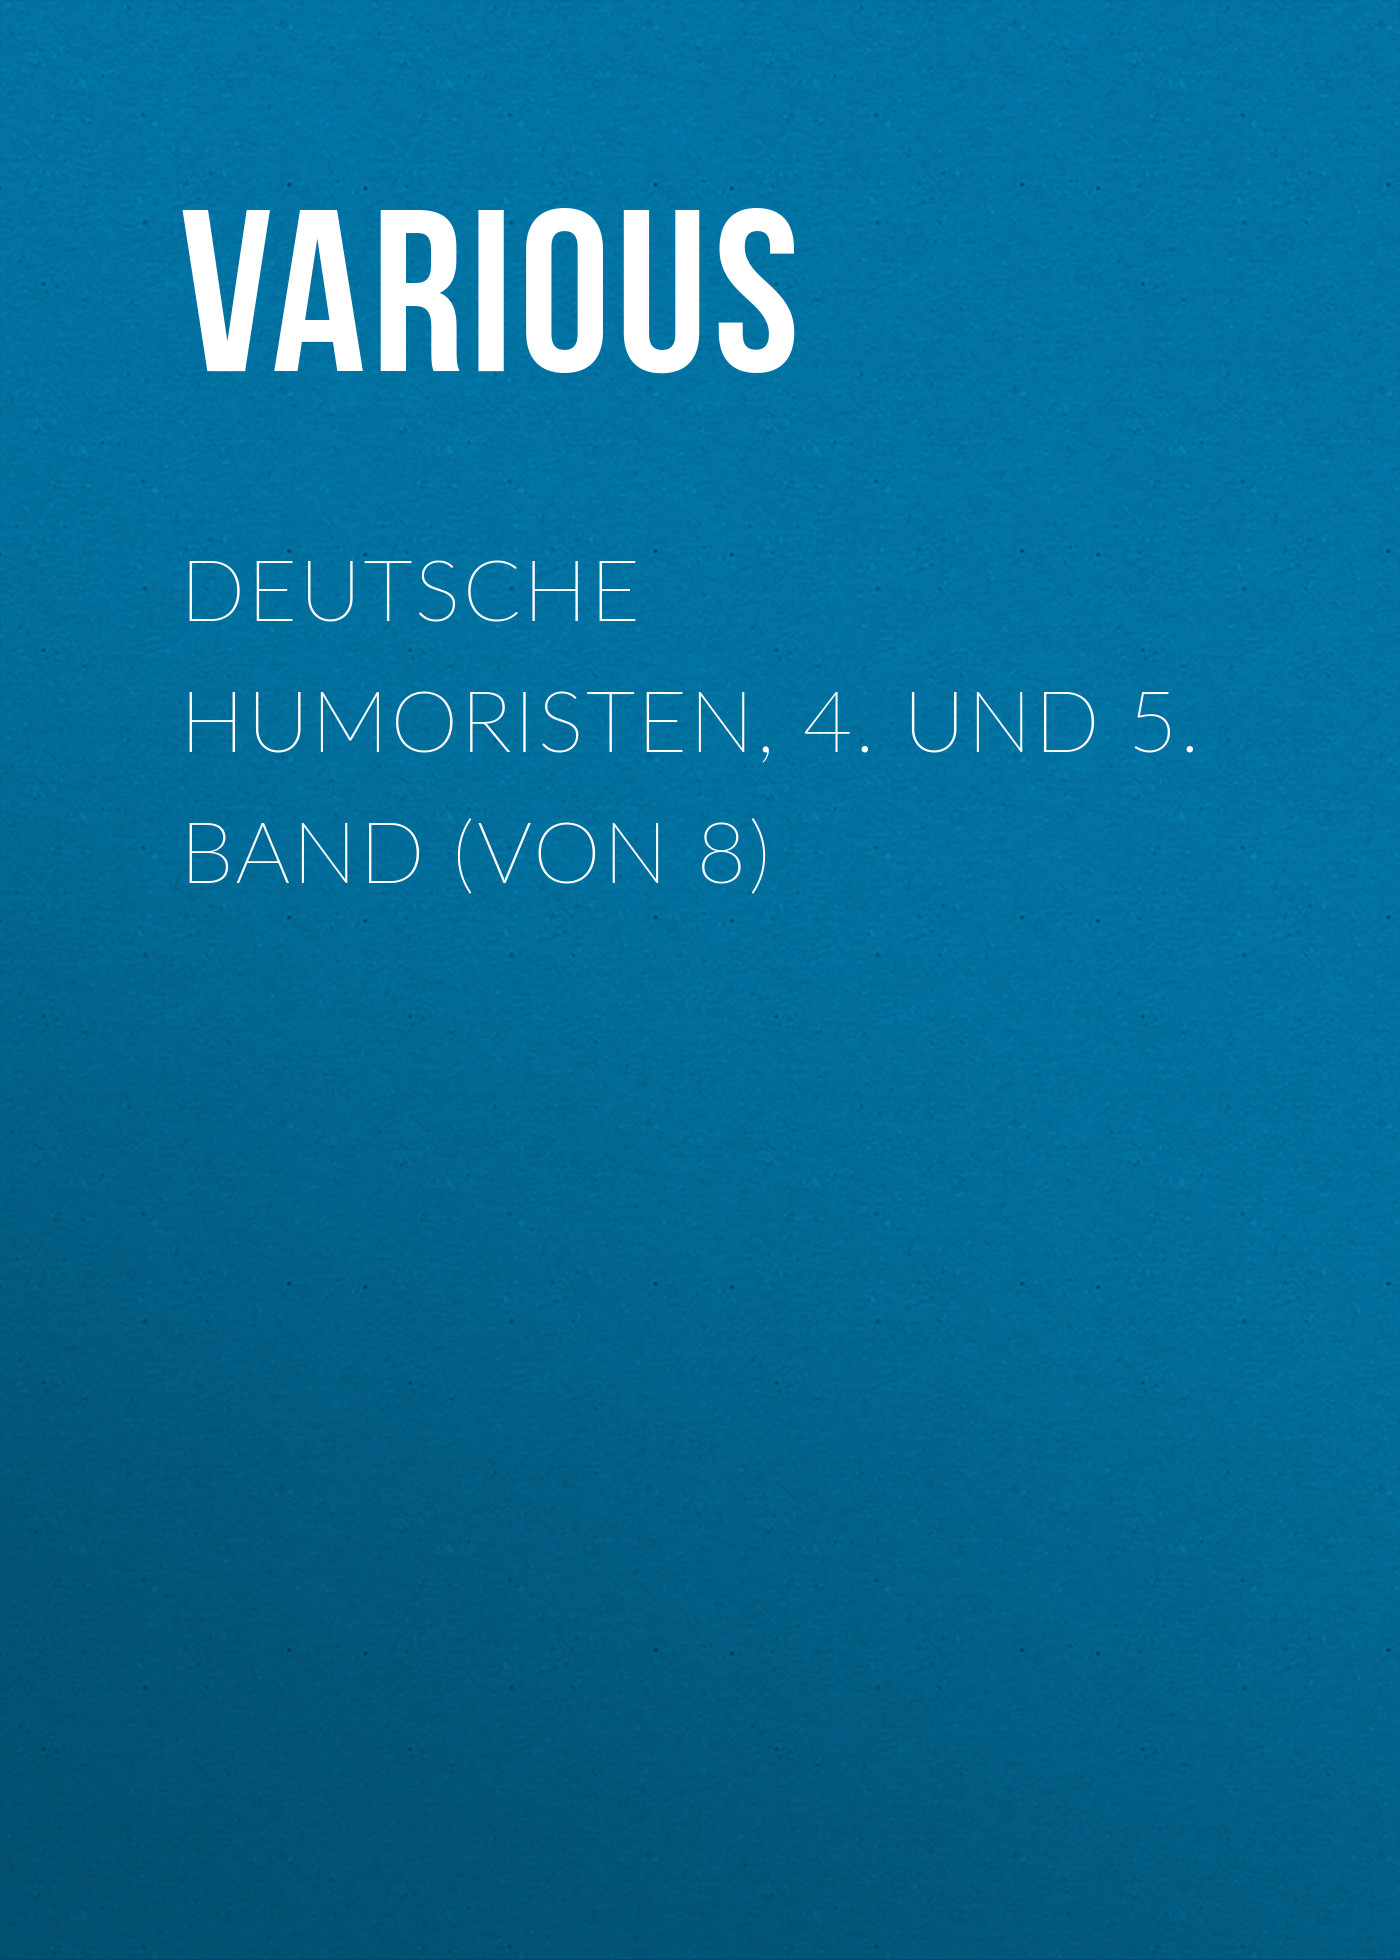 Various Deutsche Humoristen, 4. und 5. Band (von 8) otto ernst schmidt deutsche humoristen